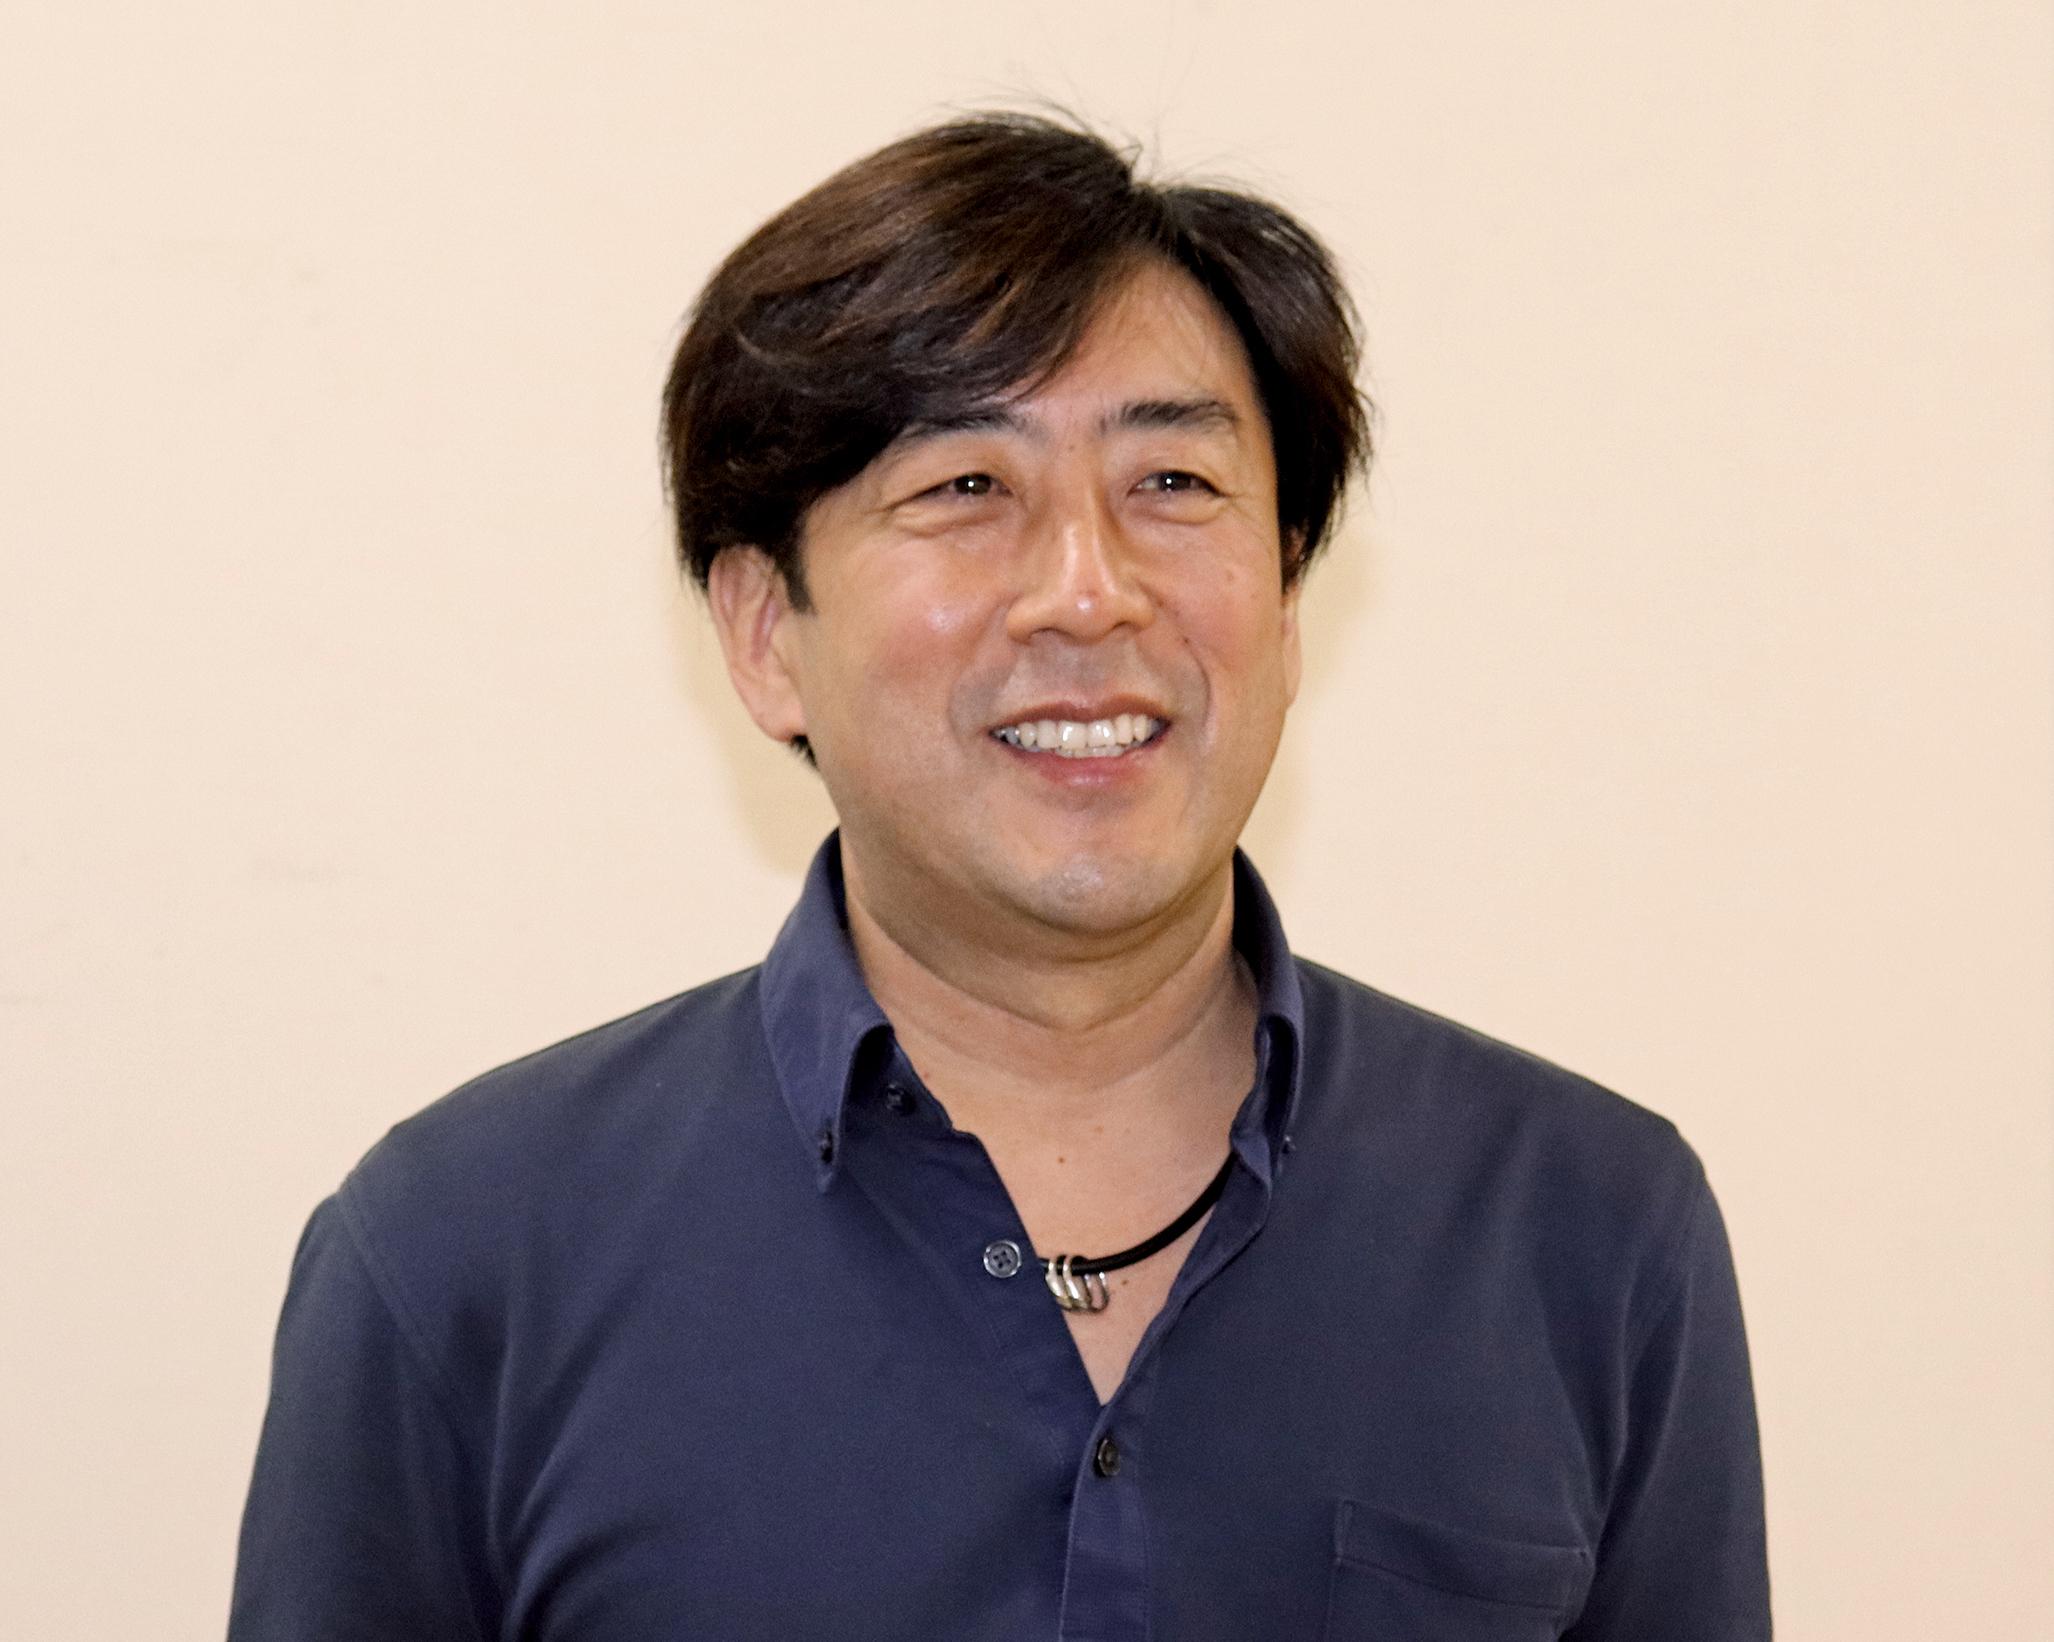 東京カレッジ・オブ・カイロプラクティック 三輪健彦先生